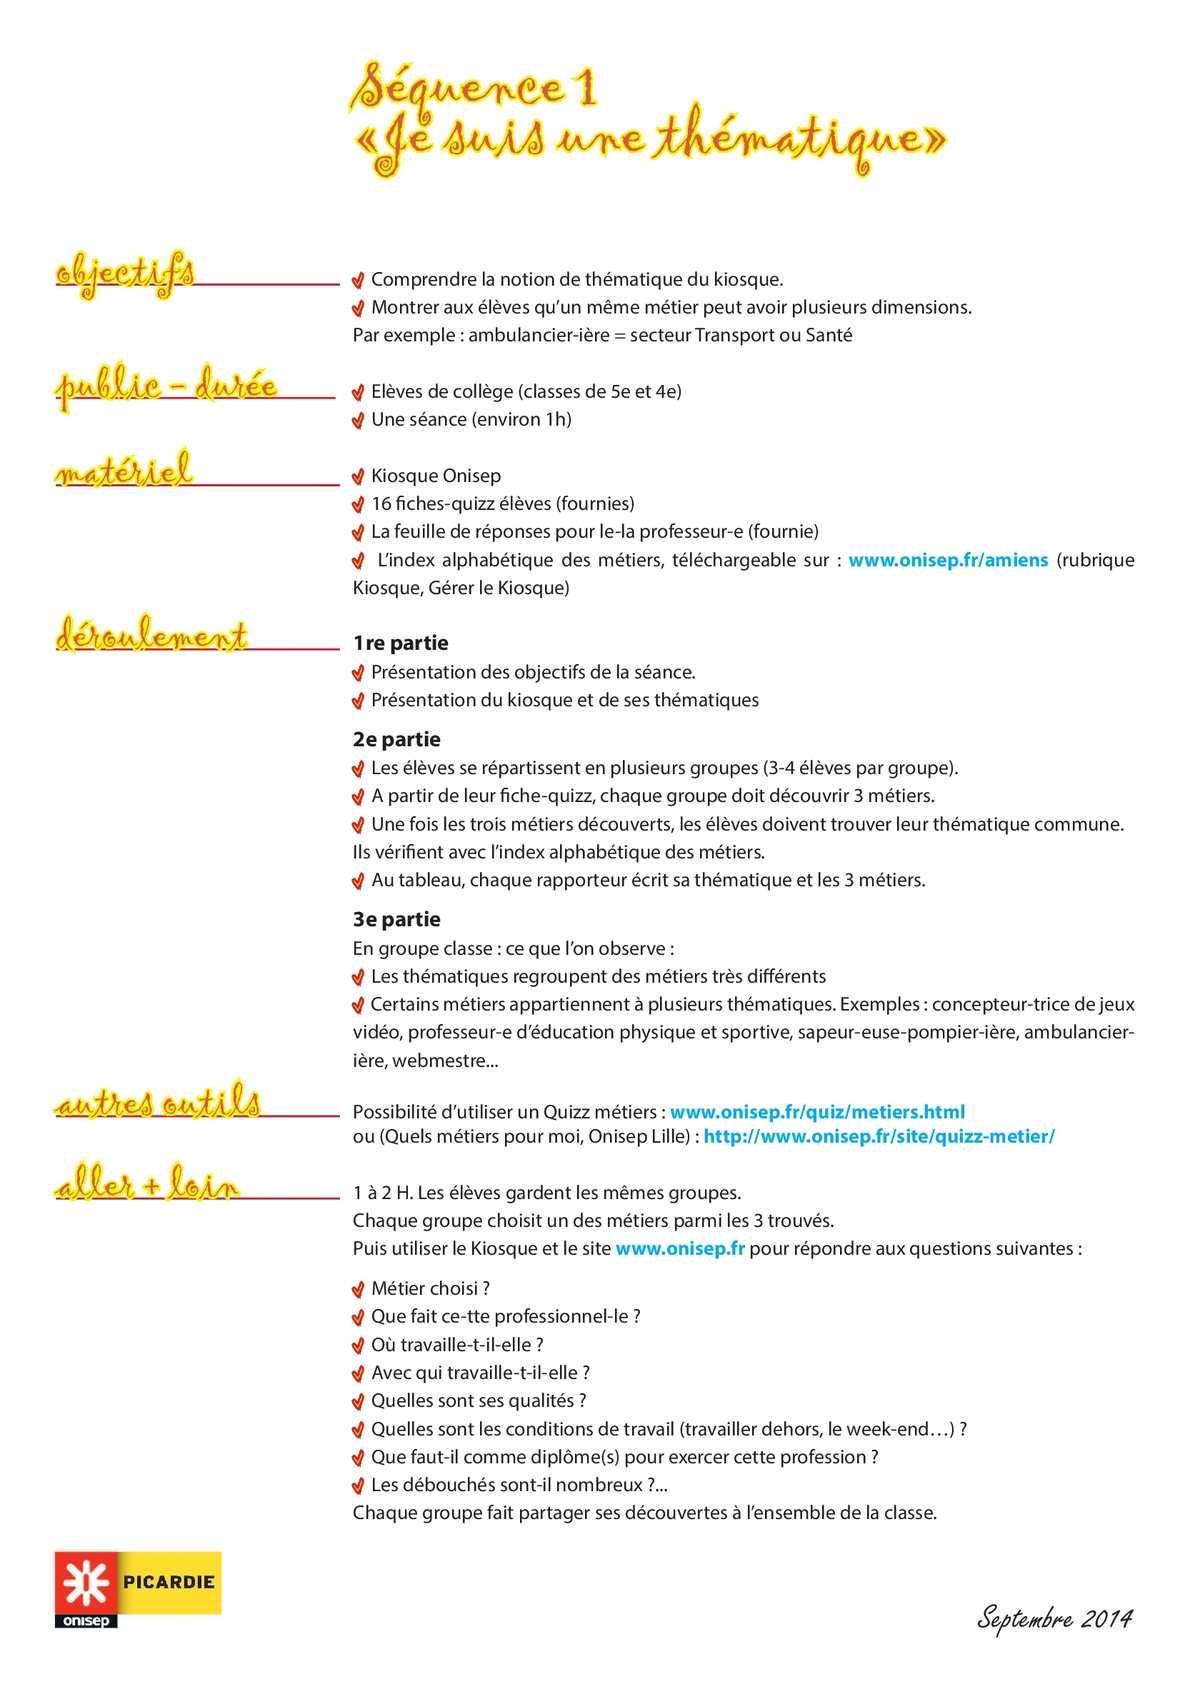 Calaméo - Séquences Pédagogiques Autour Du Kiosque fb8c81e75c13